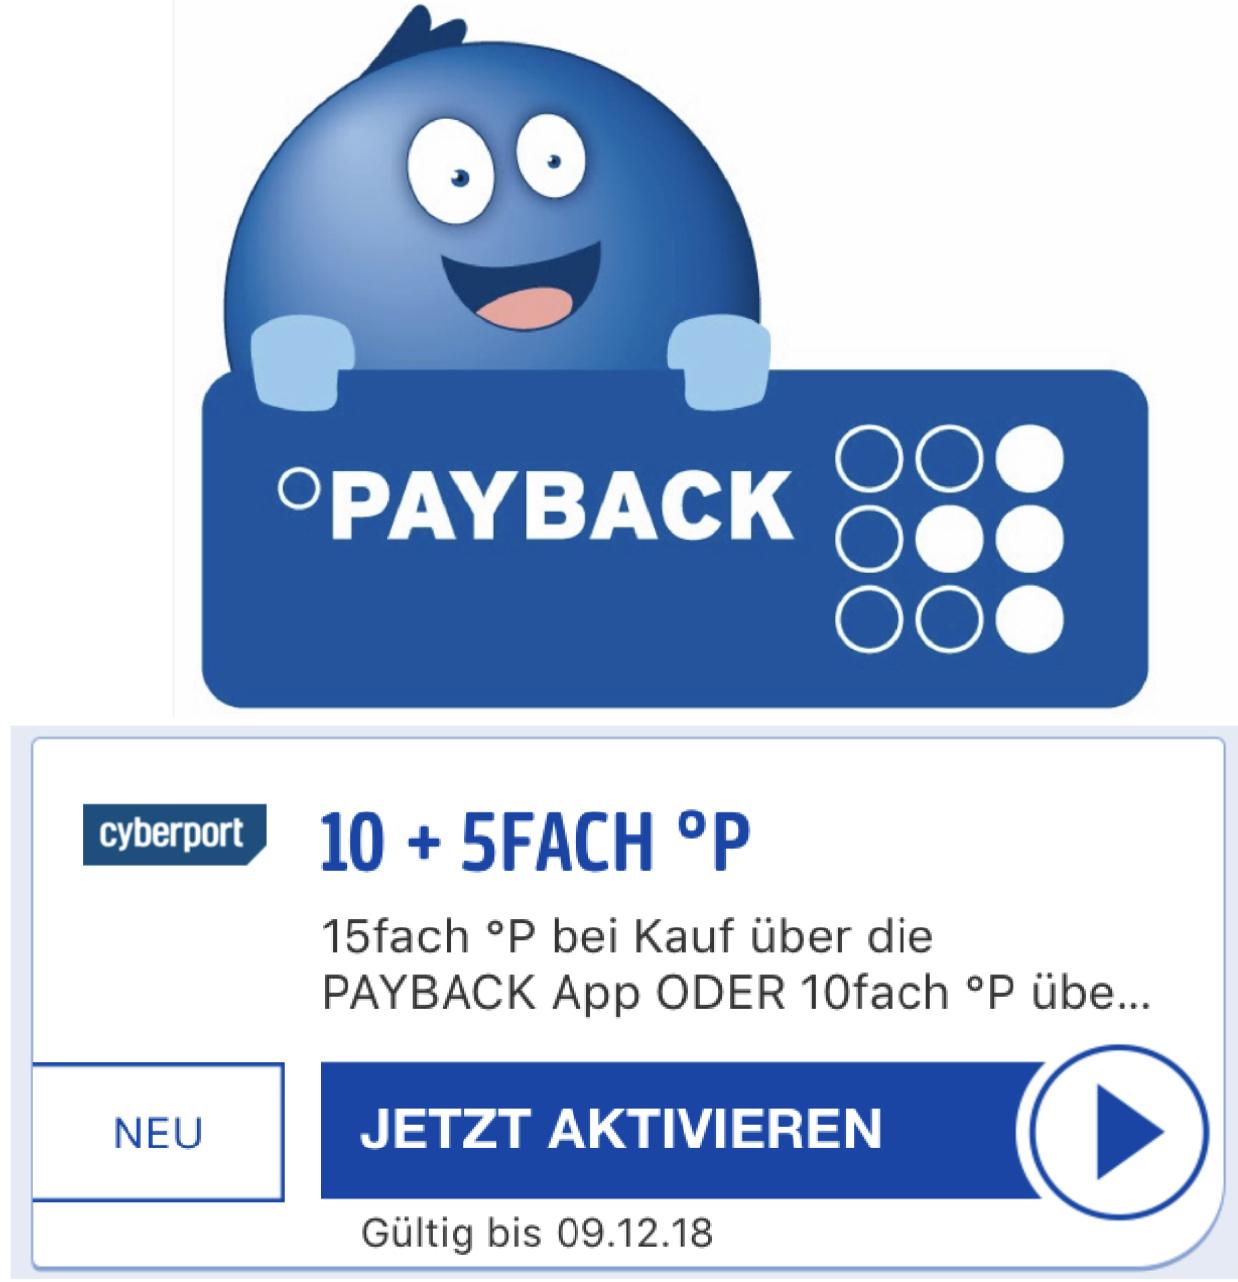 Cyperport 15-fache Payback Punkte 10 + 5-fach über die Payback App - Entspricht 7,5% Ersparnis!